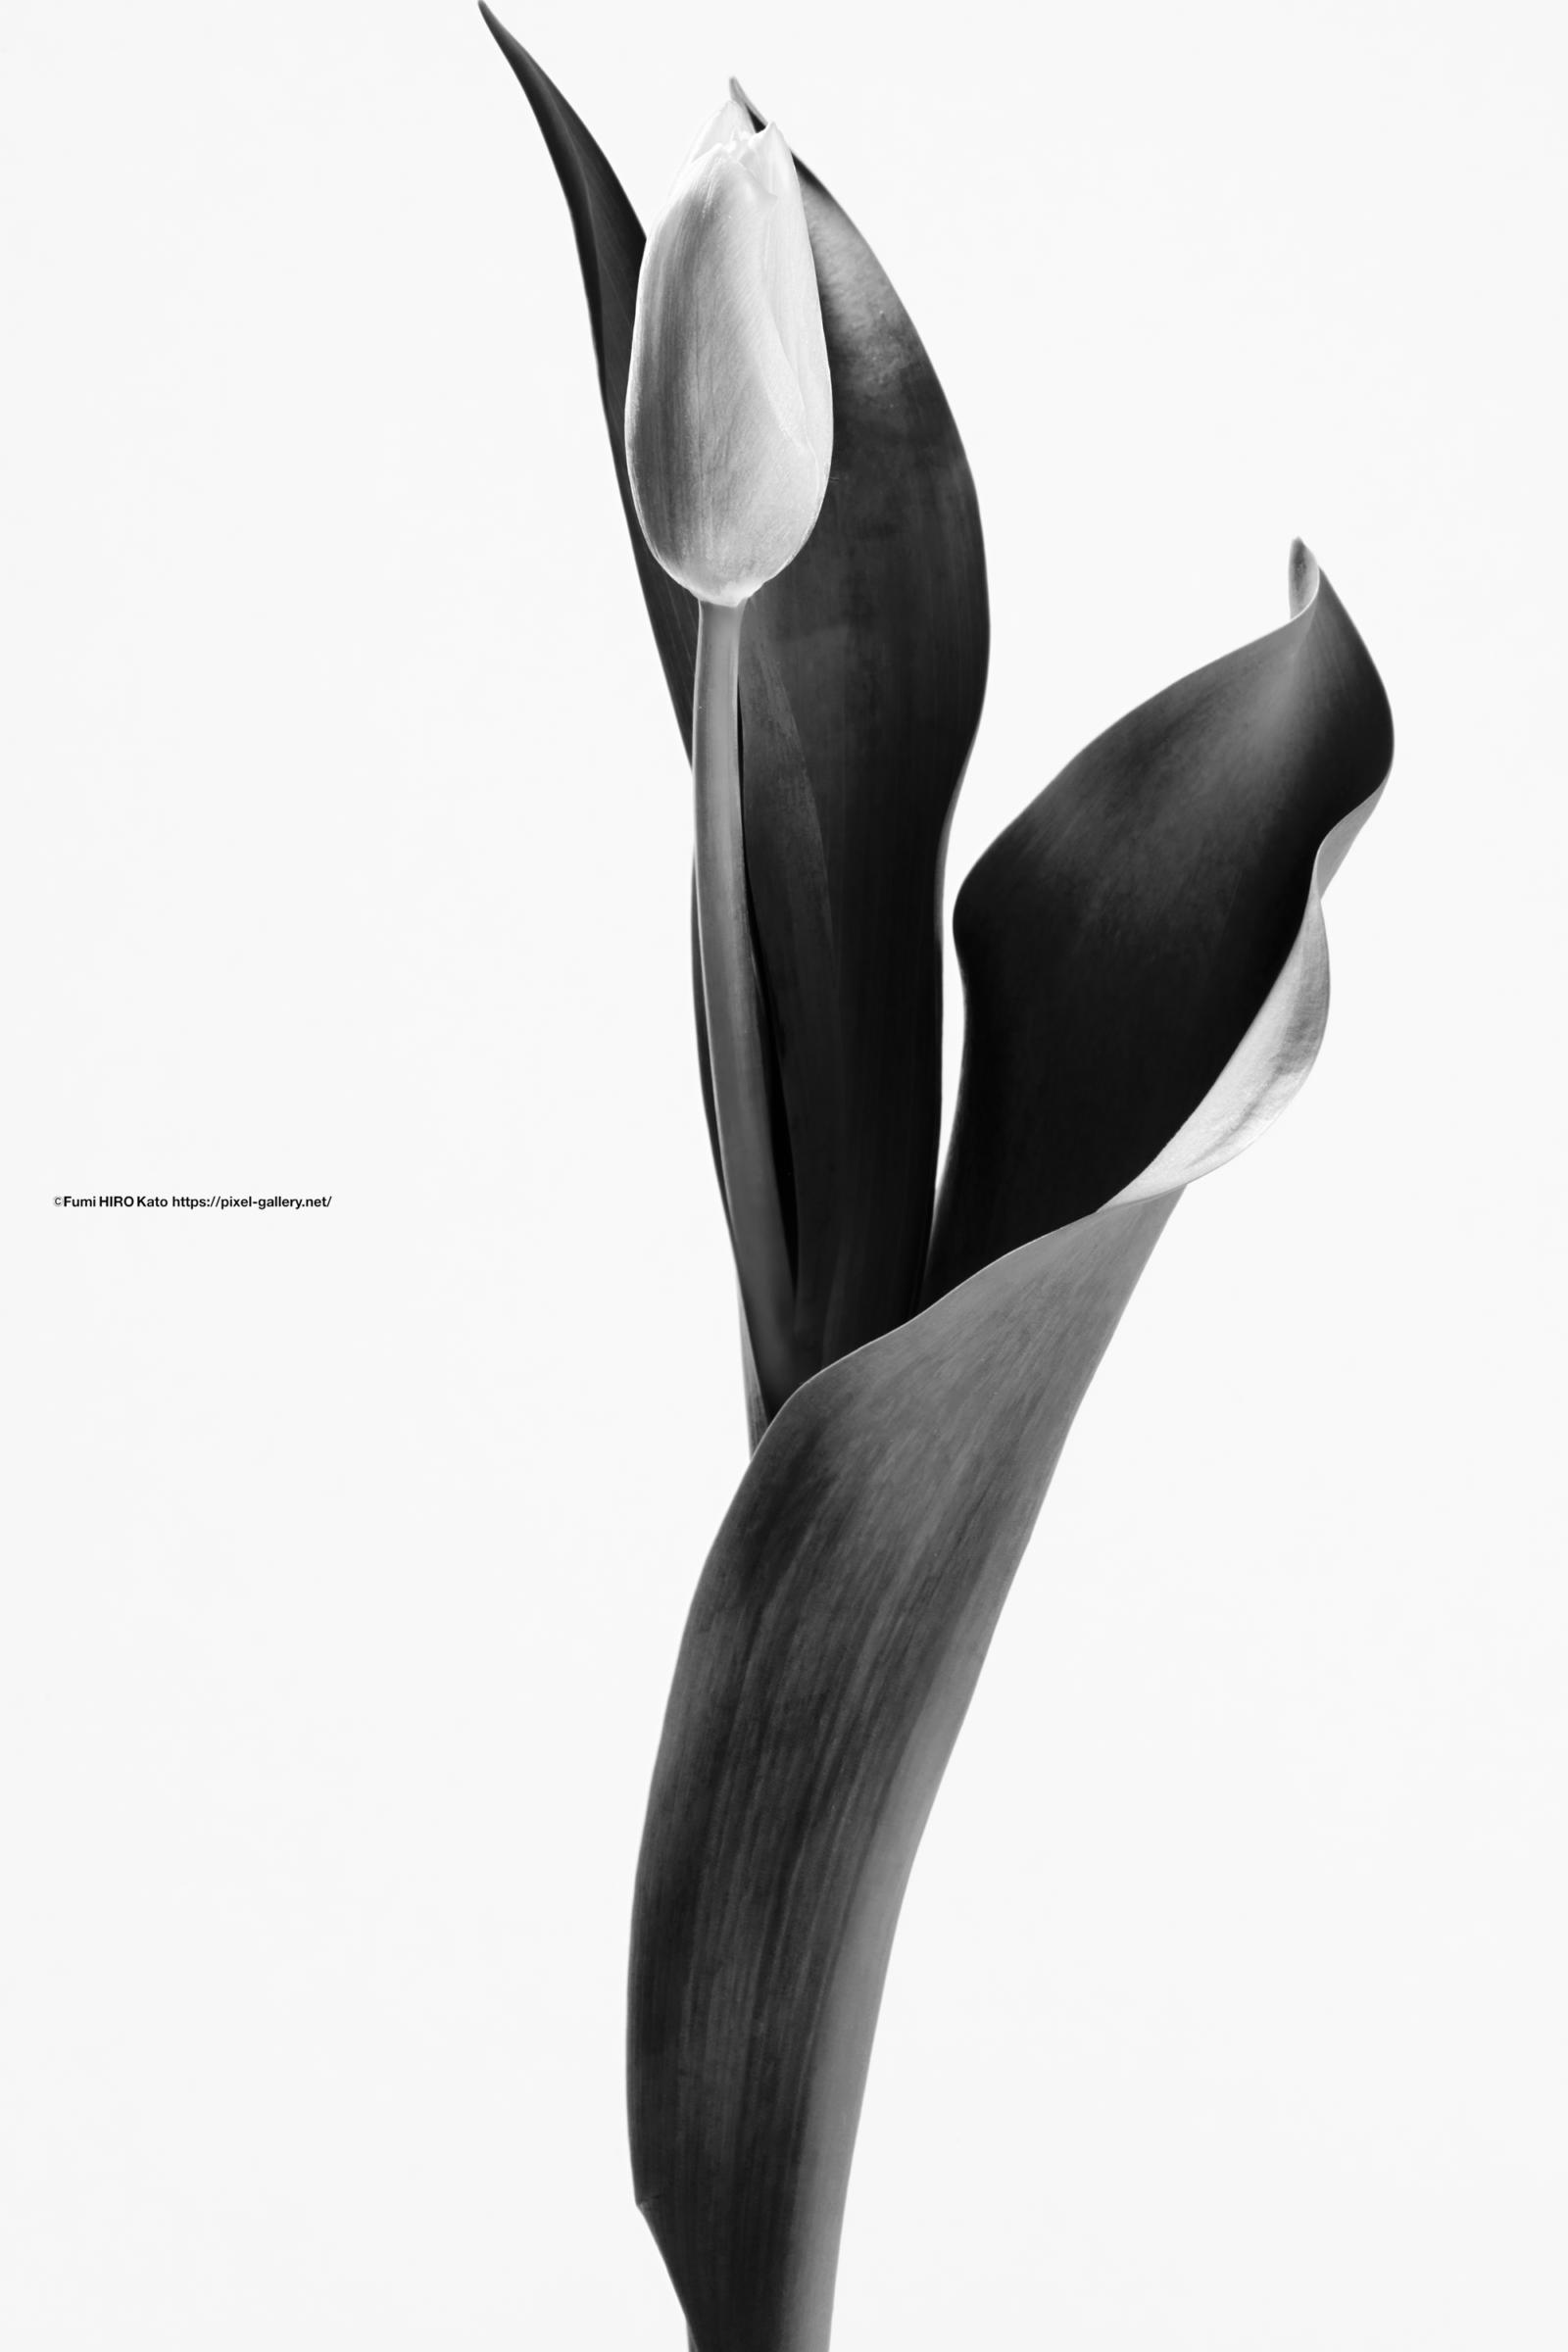 ハナ 2021-006 Tulip